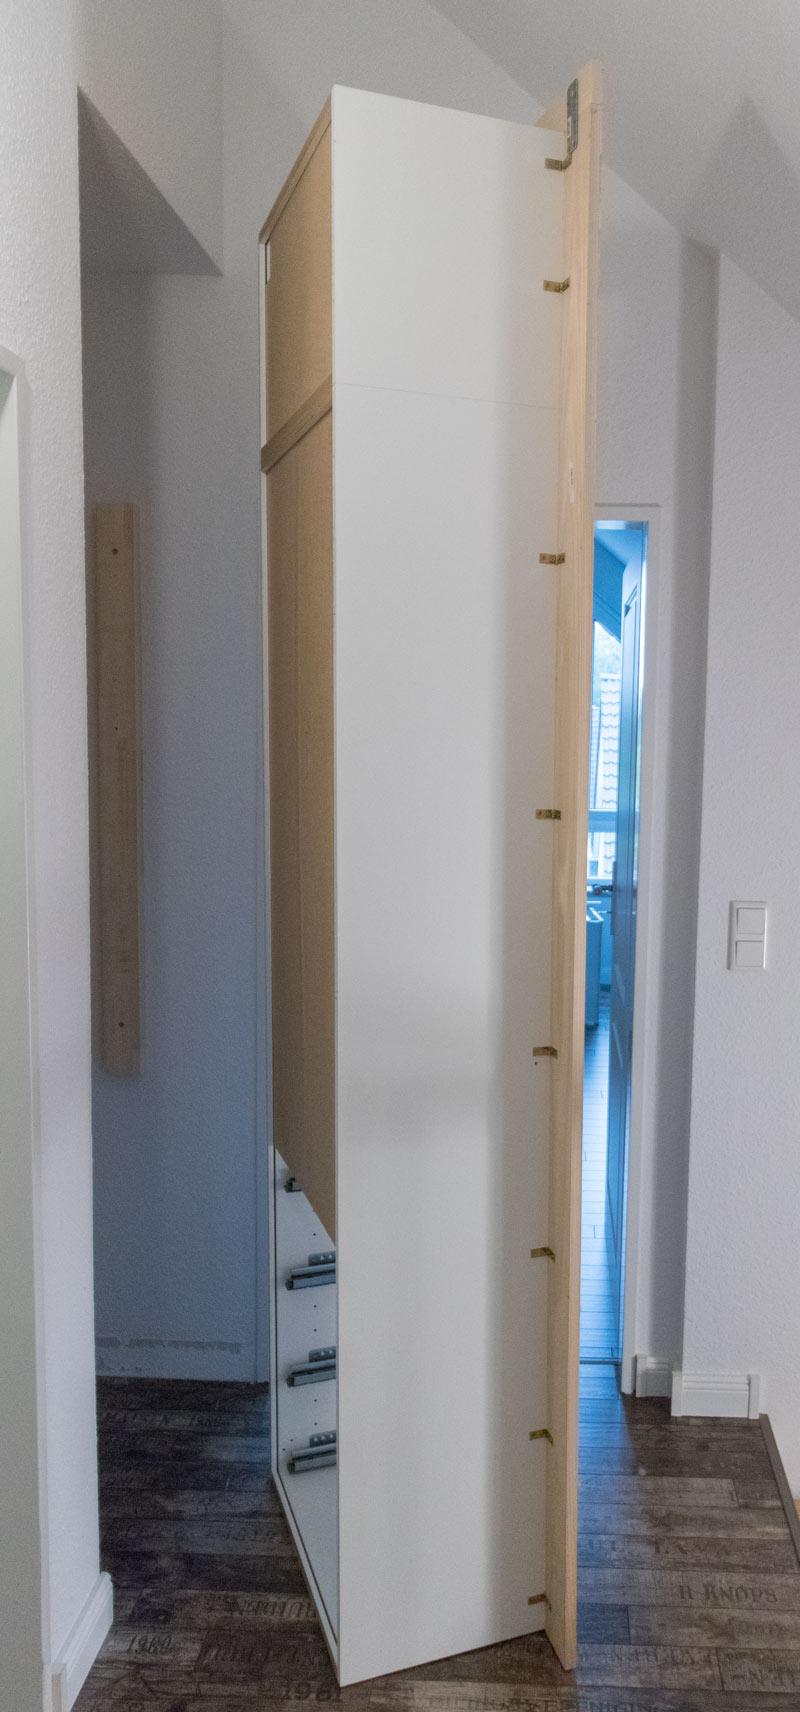 Ikea Einbauschrank ikea hack mit polystyrol leisten und kreidefarbe zum einbauschrank